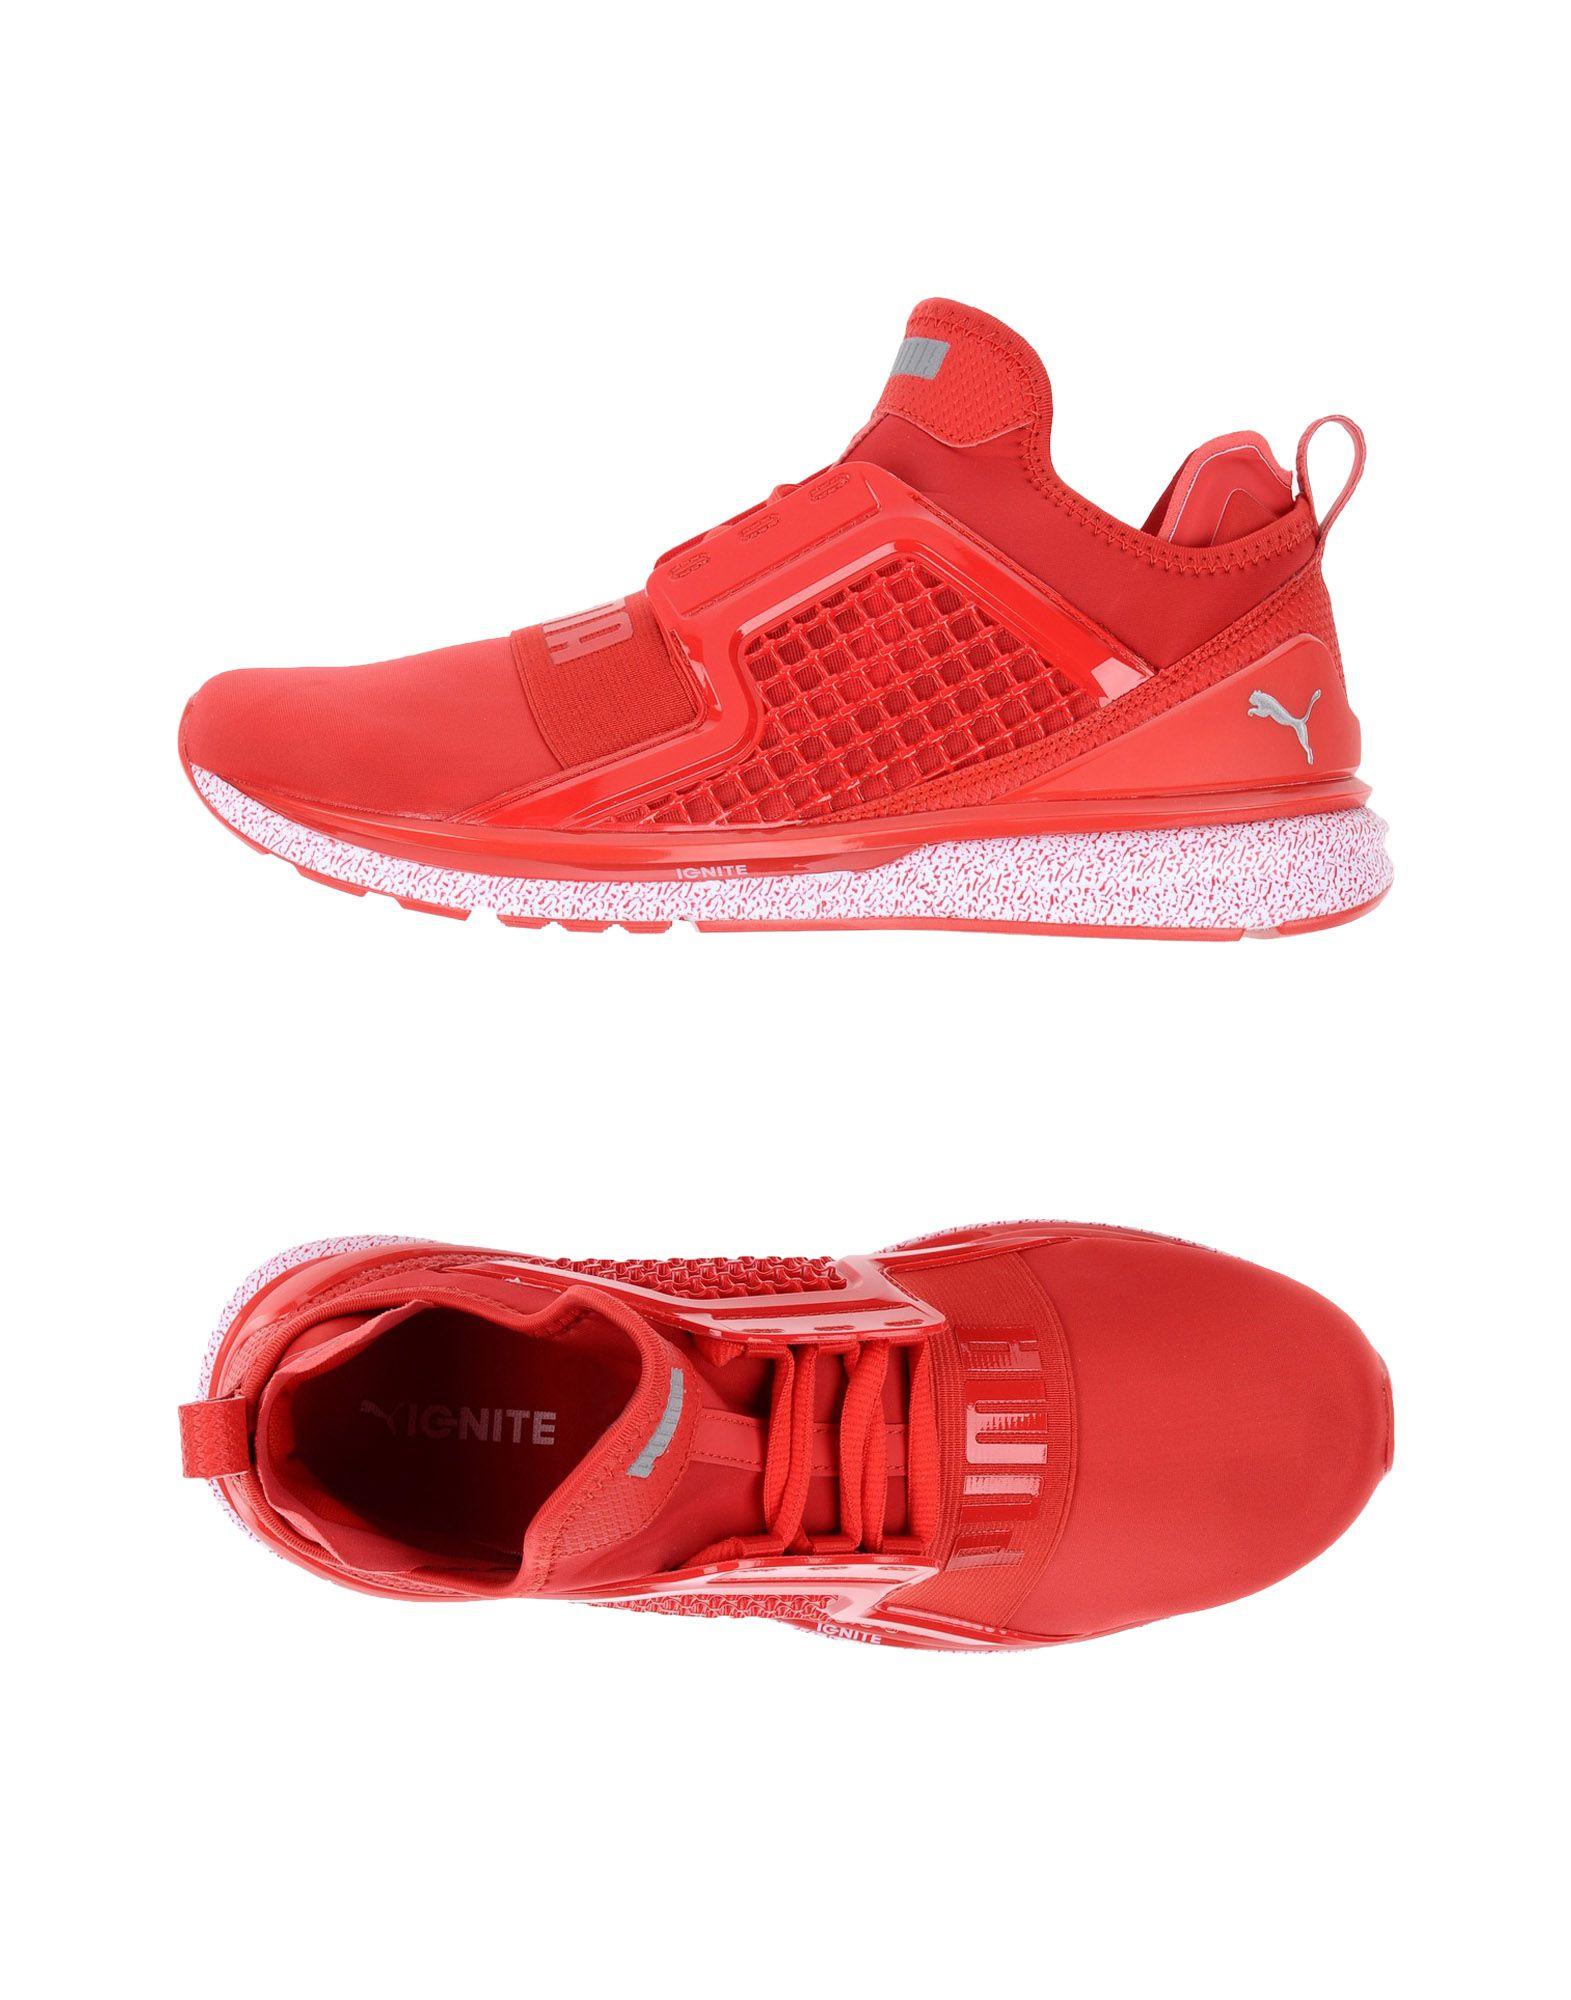 Rabatt Sneakers echte Schuhe Puma Sneakers Rabatt Herren  11333905CJ c0bcb7